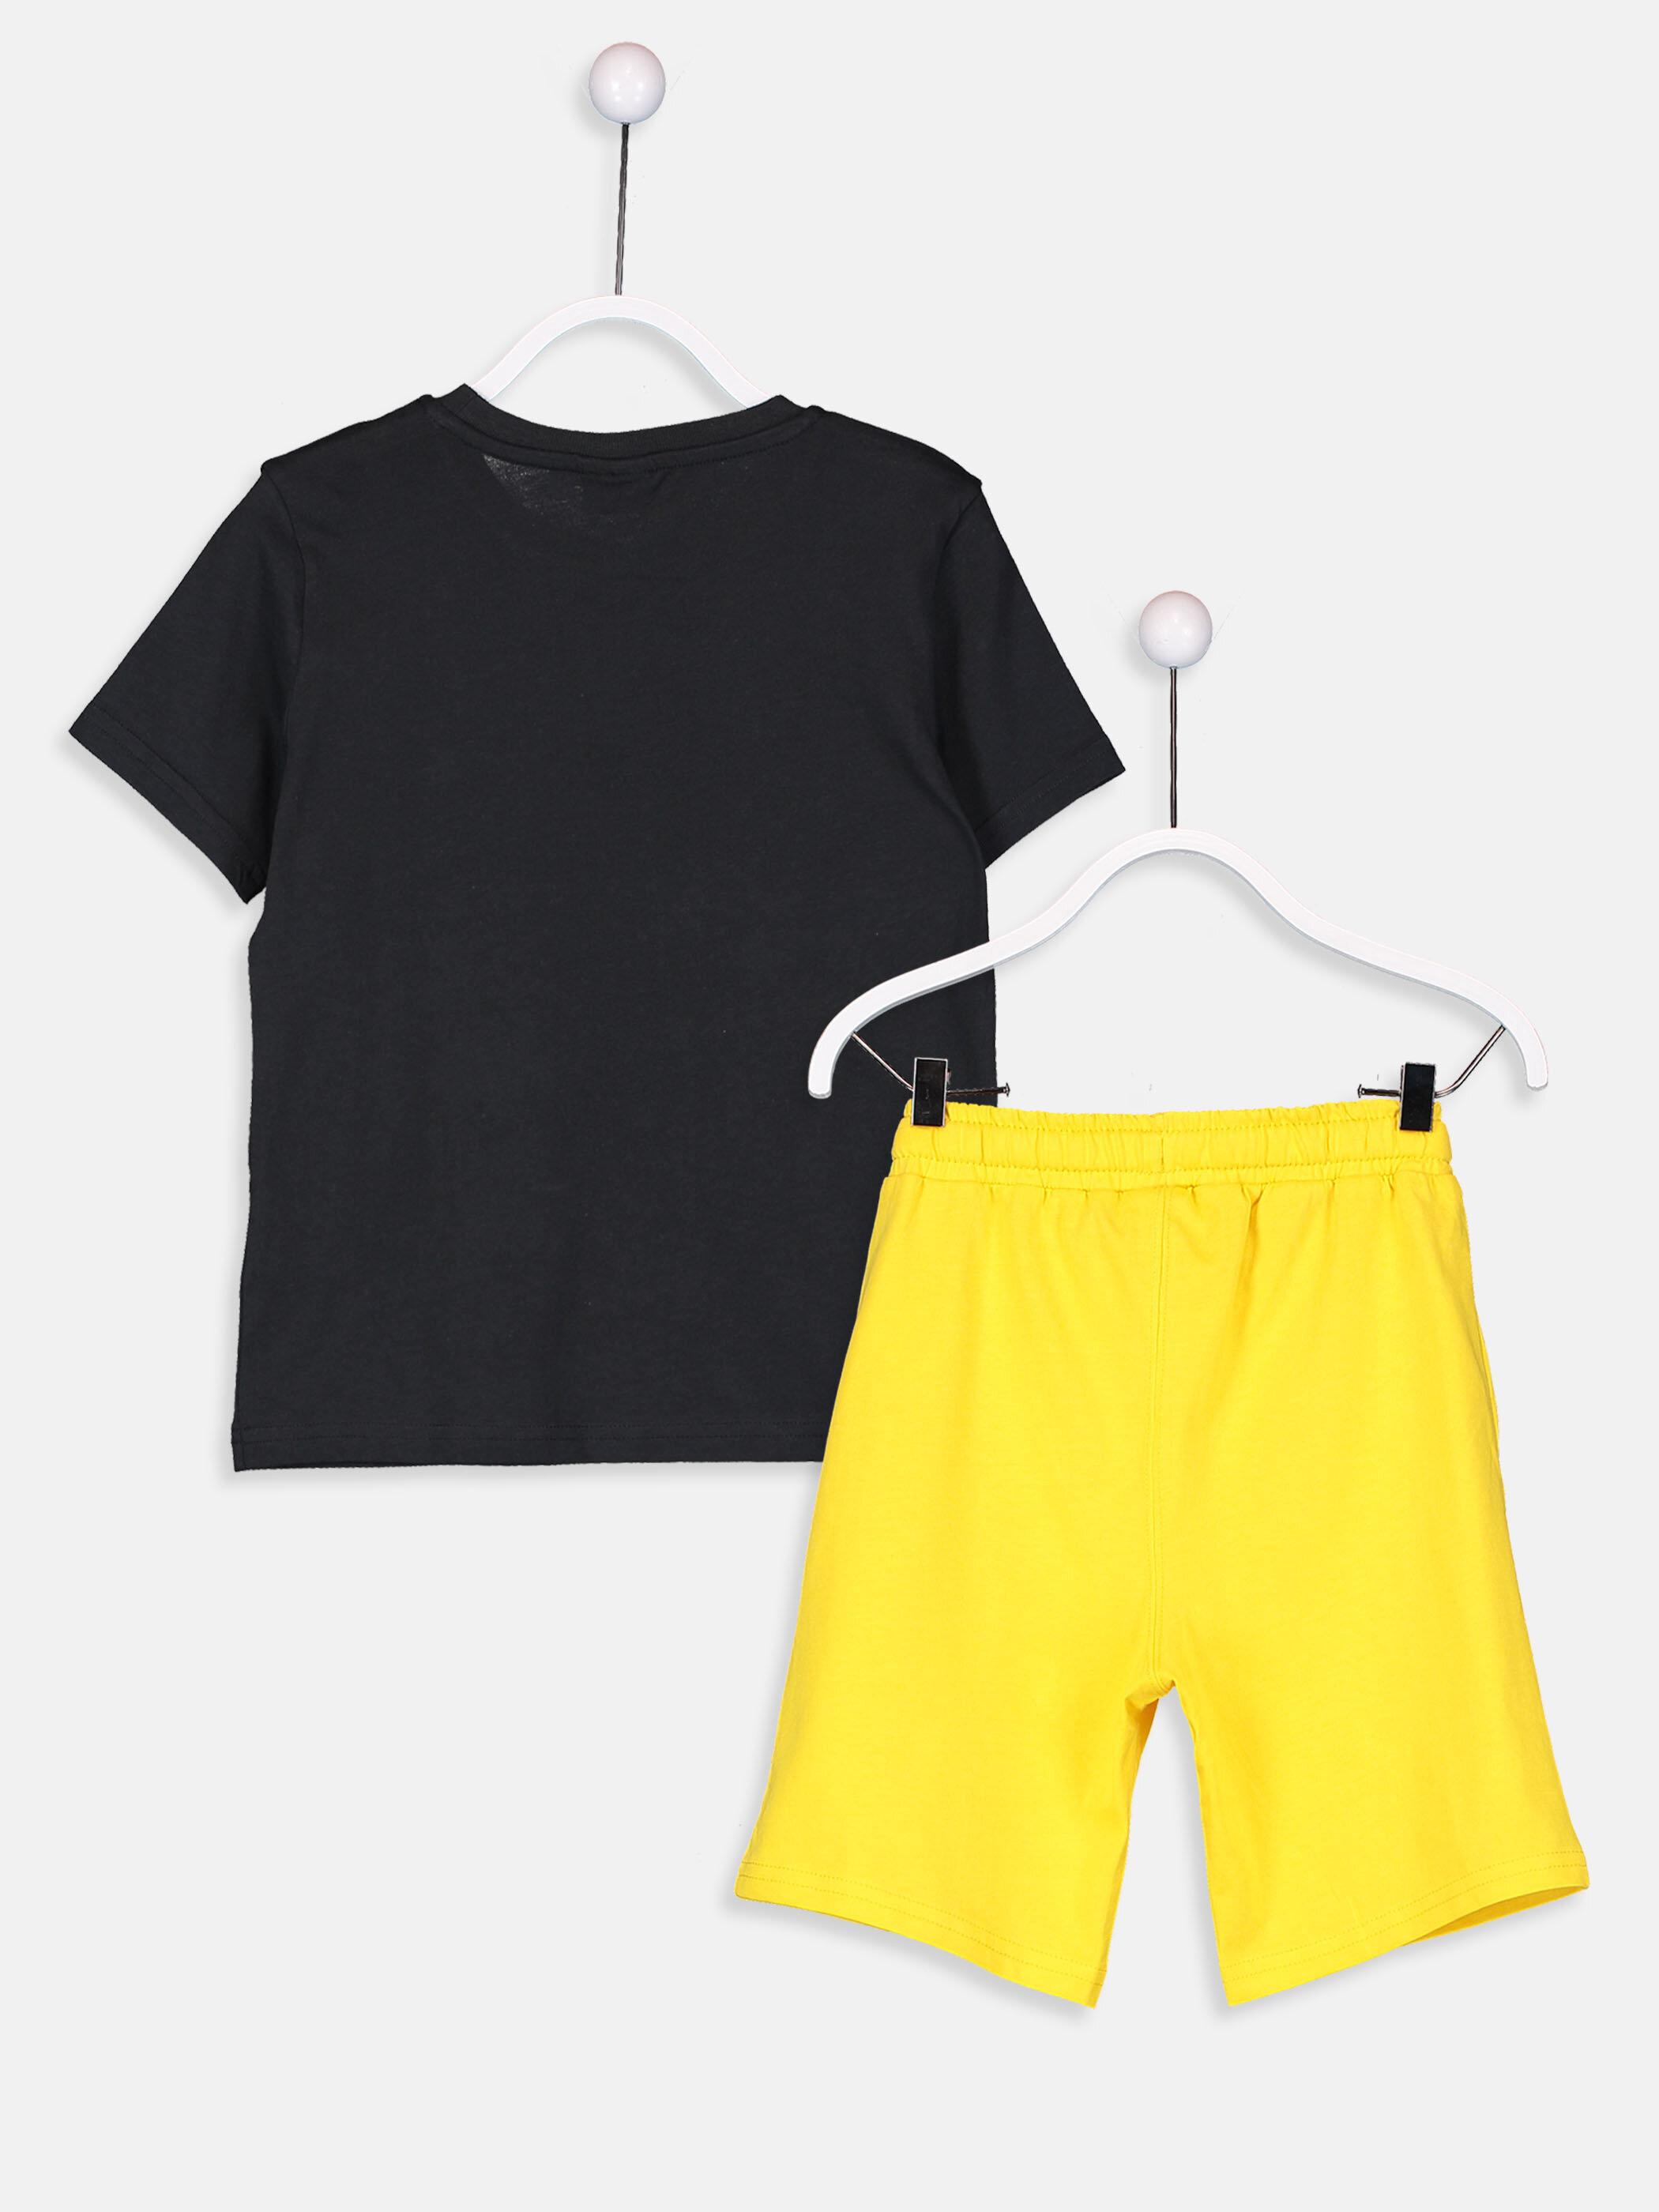 Erkek Çocuk Pamuklu Tişört ve Şort -9S5238Z4-JTK